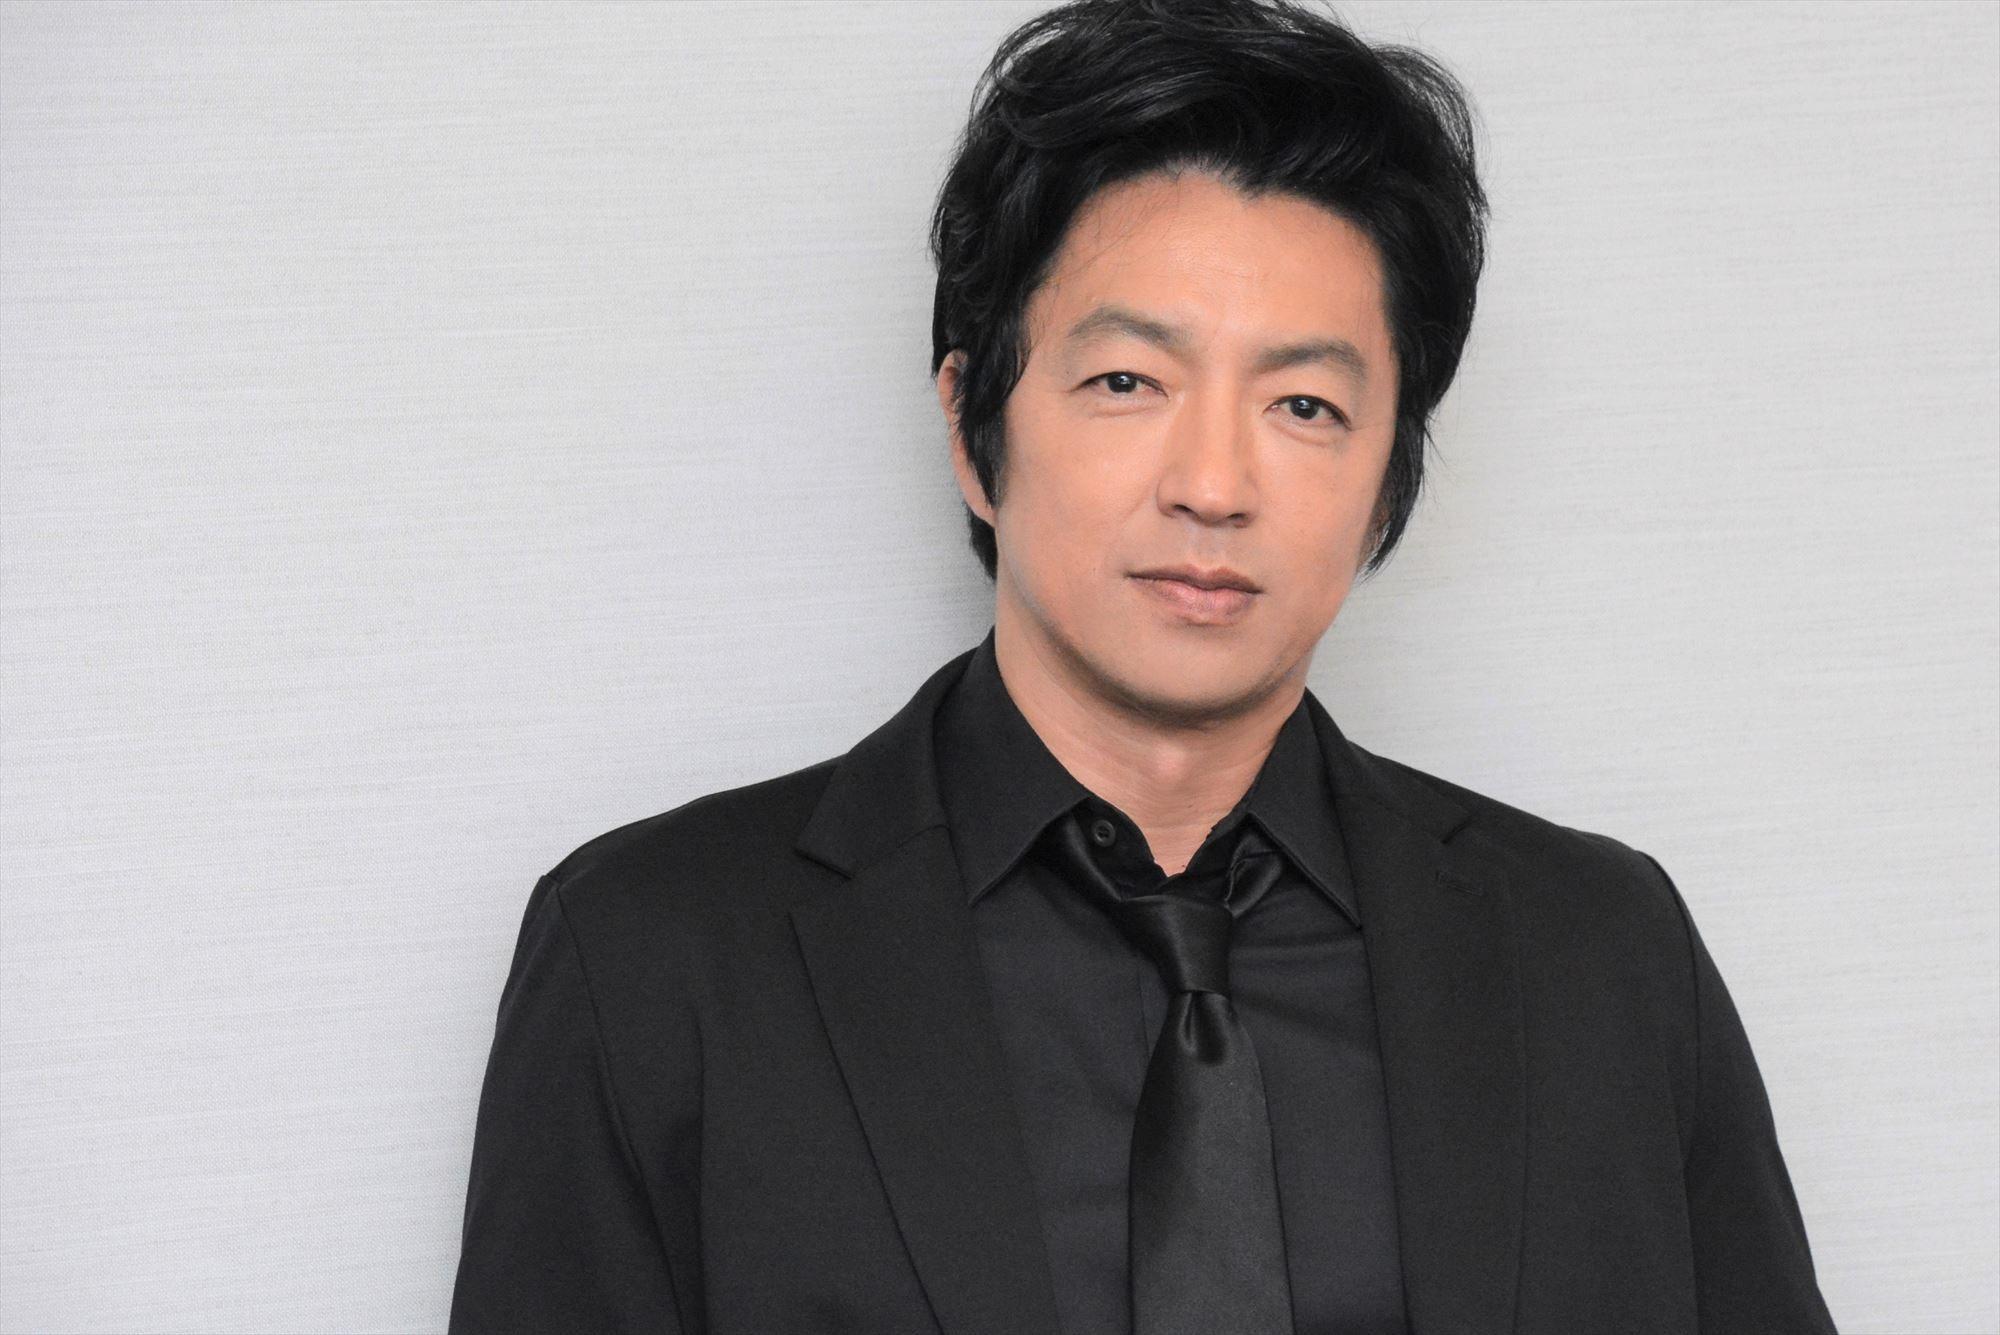 たかお 画像 大沢 大沢たかおの若い頃と現在を比較!昔はモデルとして活躍!